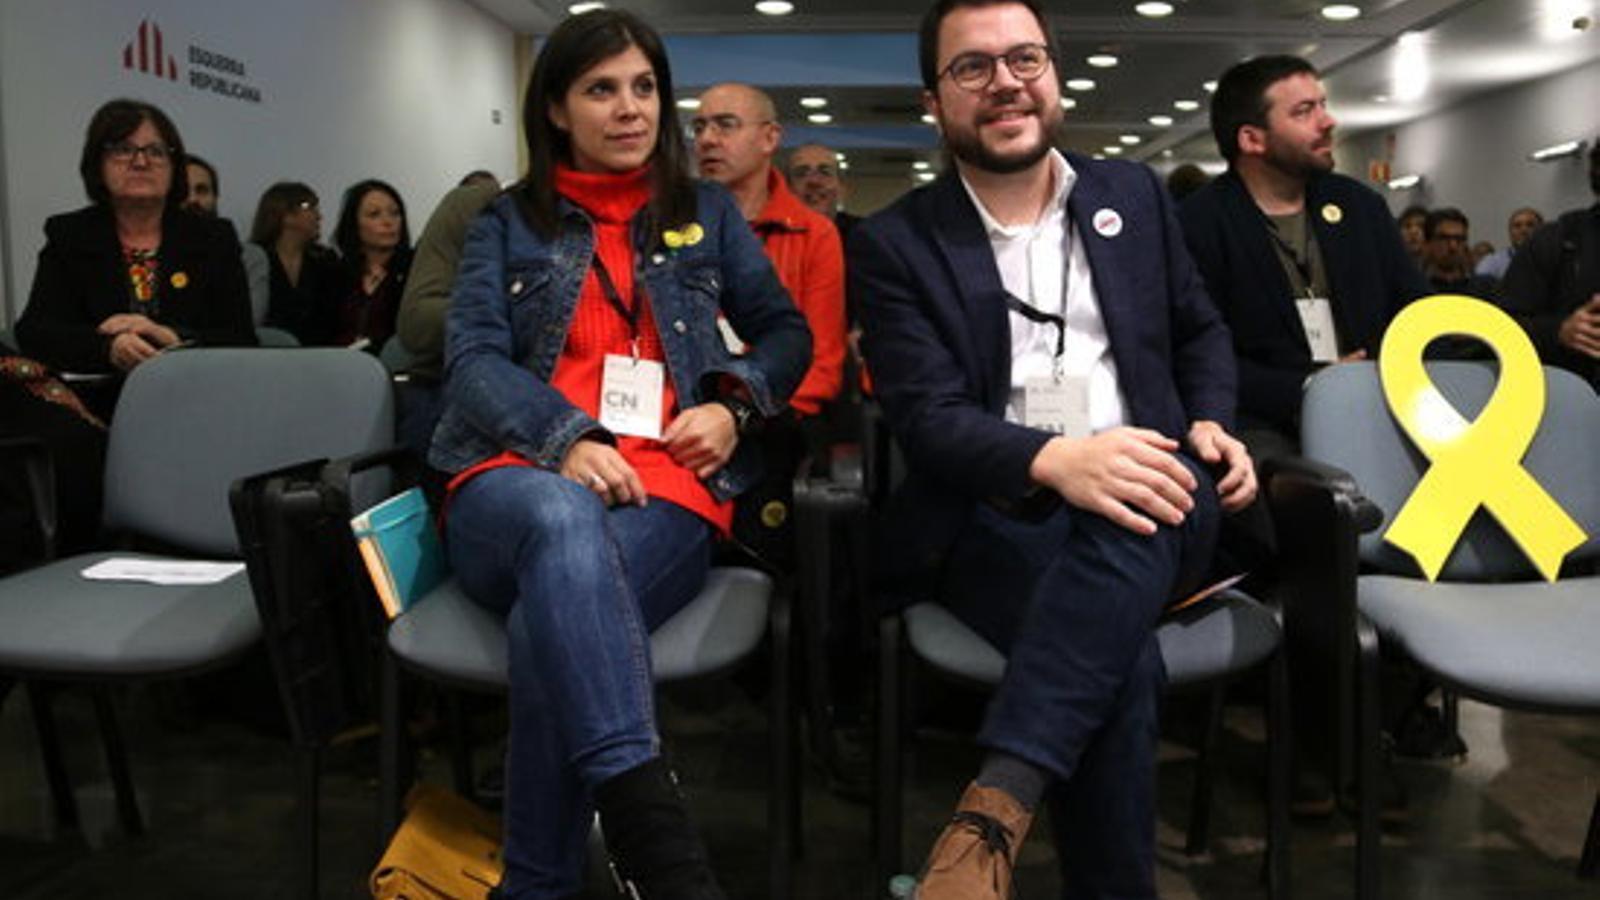 """Aragonès crida a no caure """"en provocacions ni en el relat fals de violència"""" de cara al 21-D"""